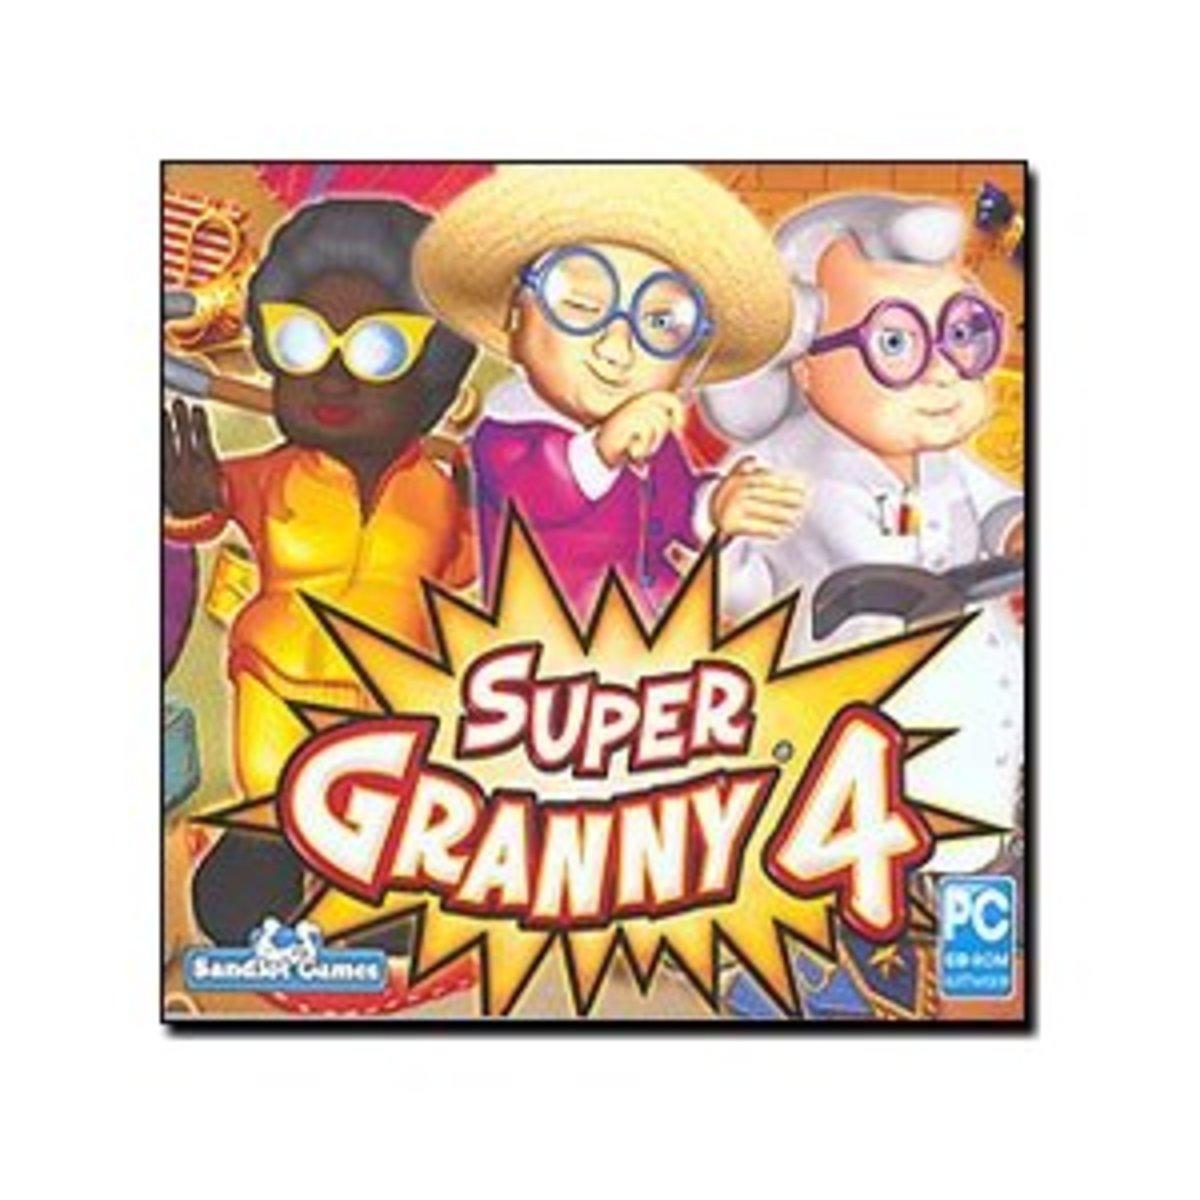 Super Granny 4 game cover